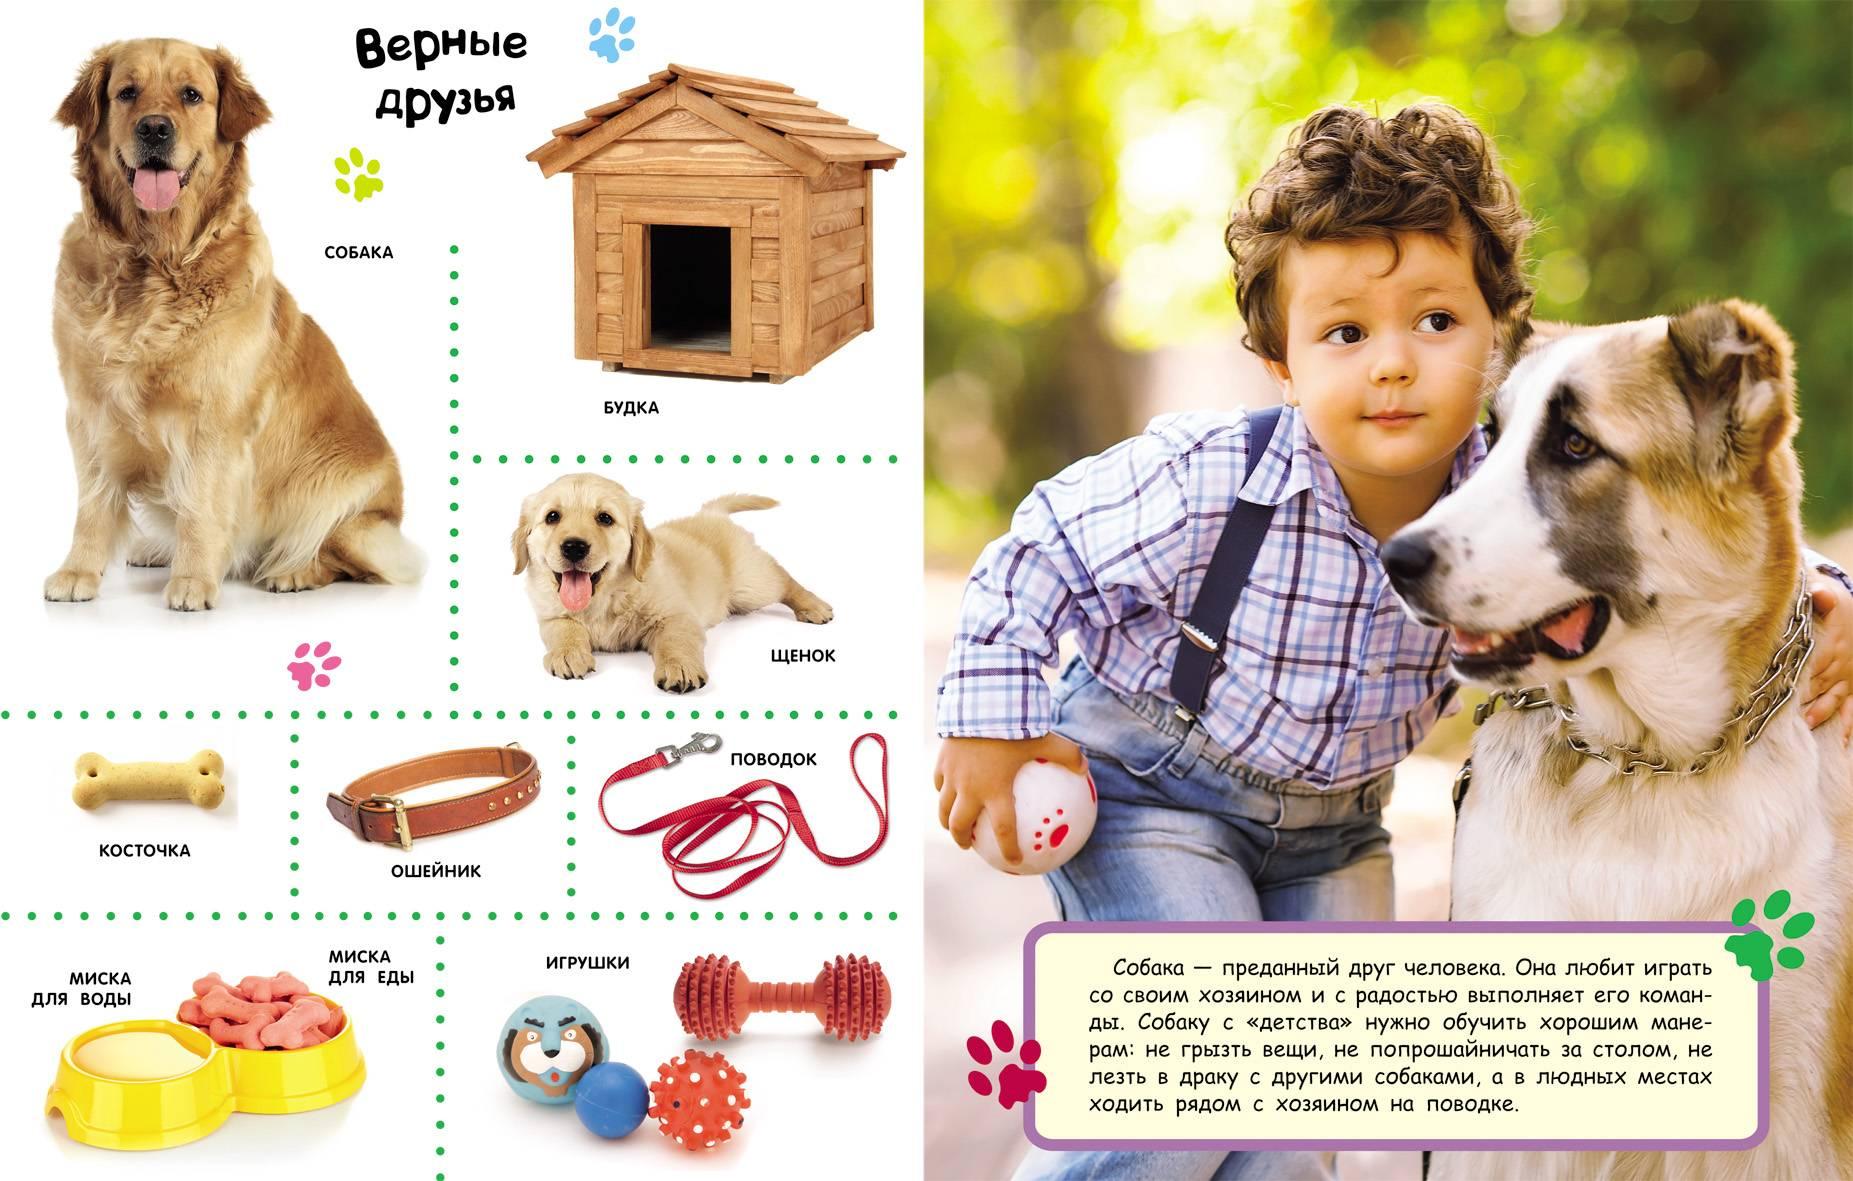 Первые дни щенка в новом доме. как обустроить место для щенка и приучить его к дому? игрушки для питомца